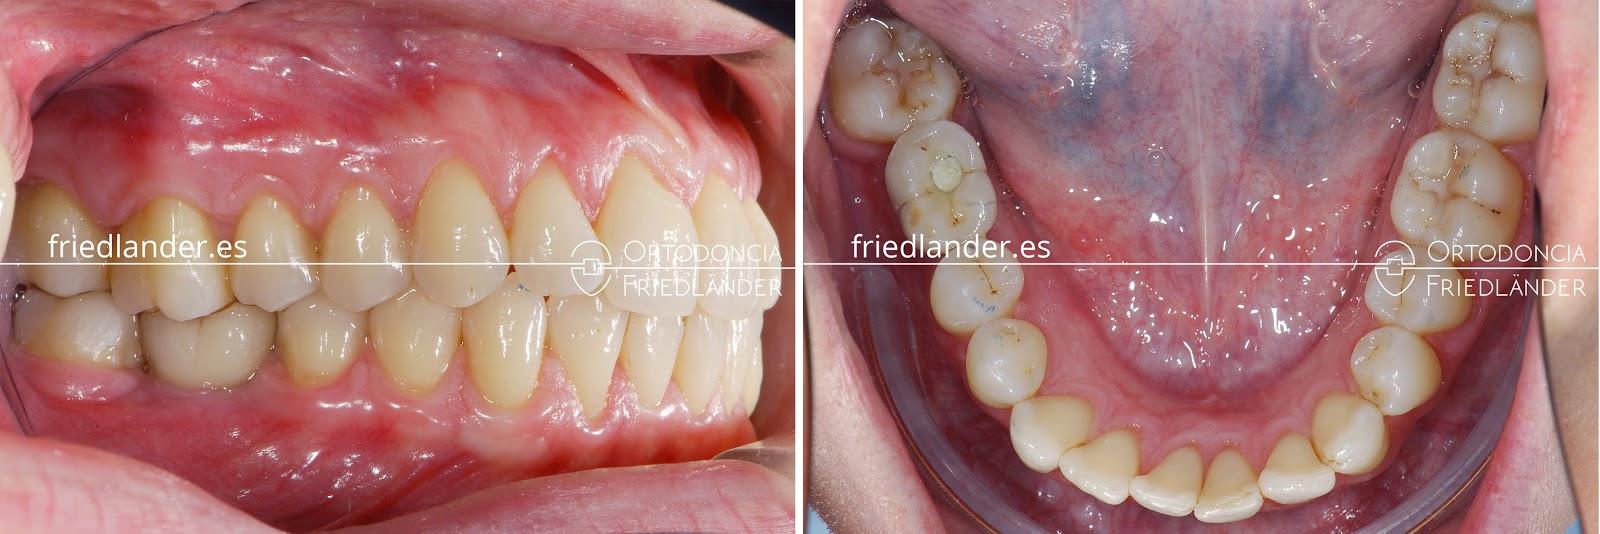 Me falta una muela - ¿se puede cerrar el espacio con ortodoncia? 7